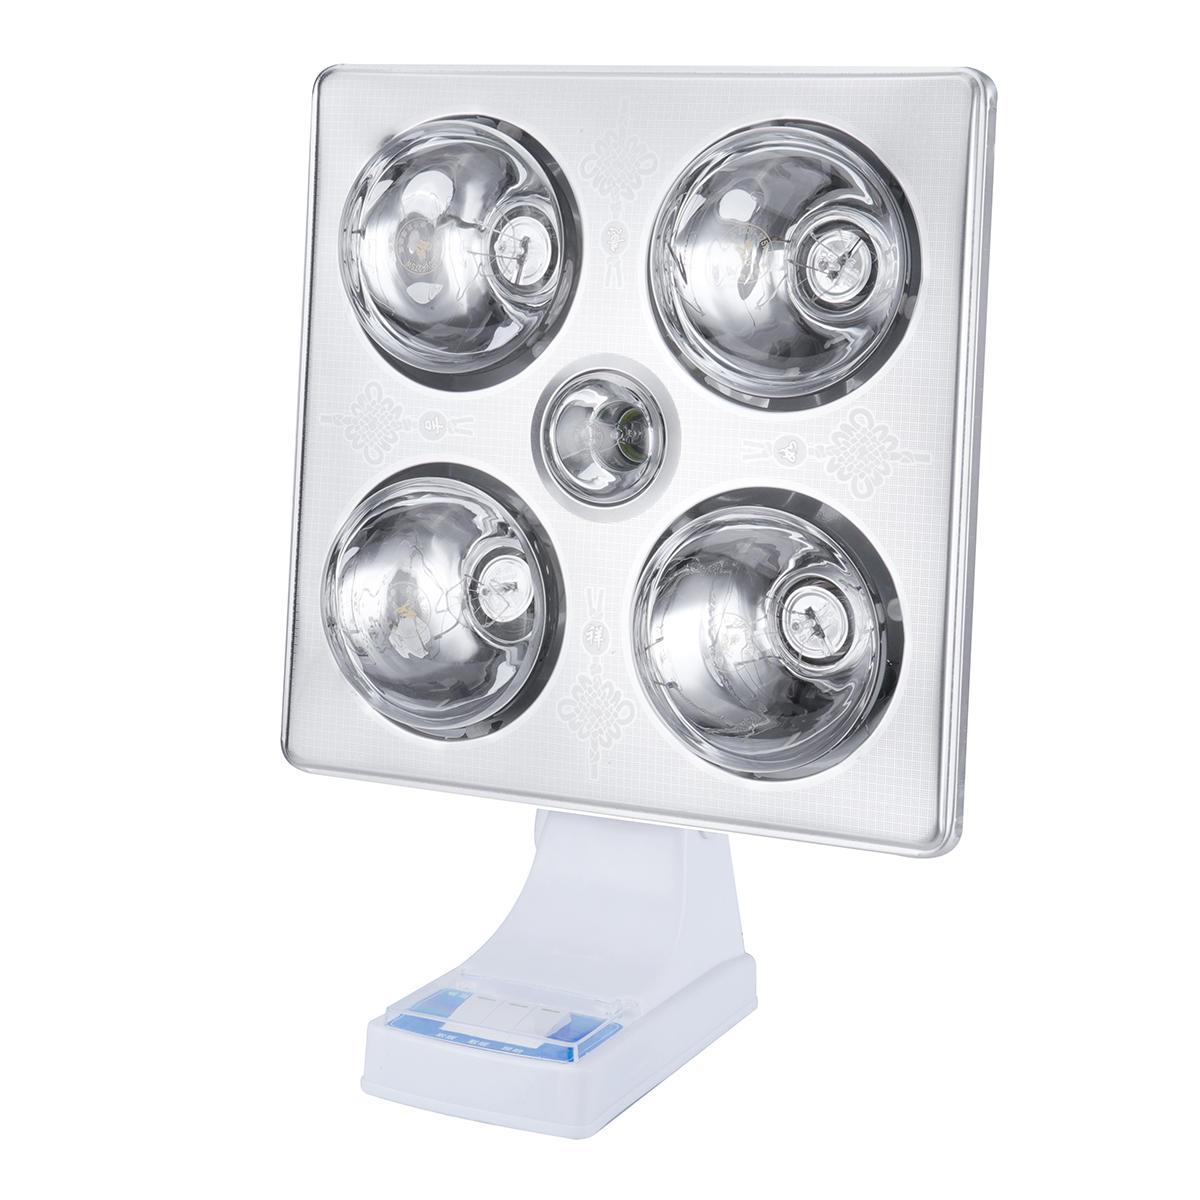 3 в 1 потолочный настенный светильник Отопительный вентилятор Светодиодный Белый для Ванная комната